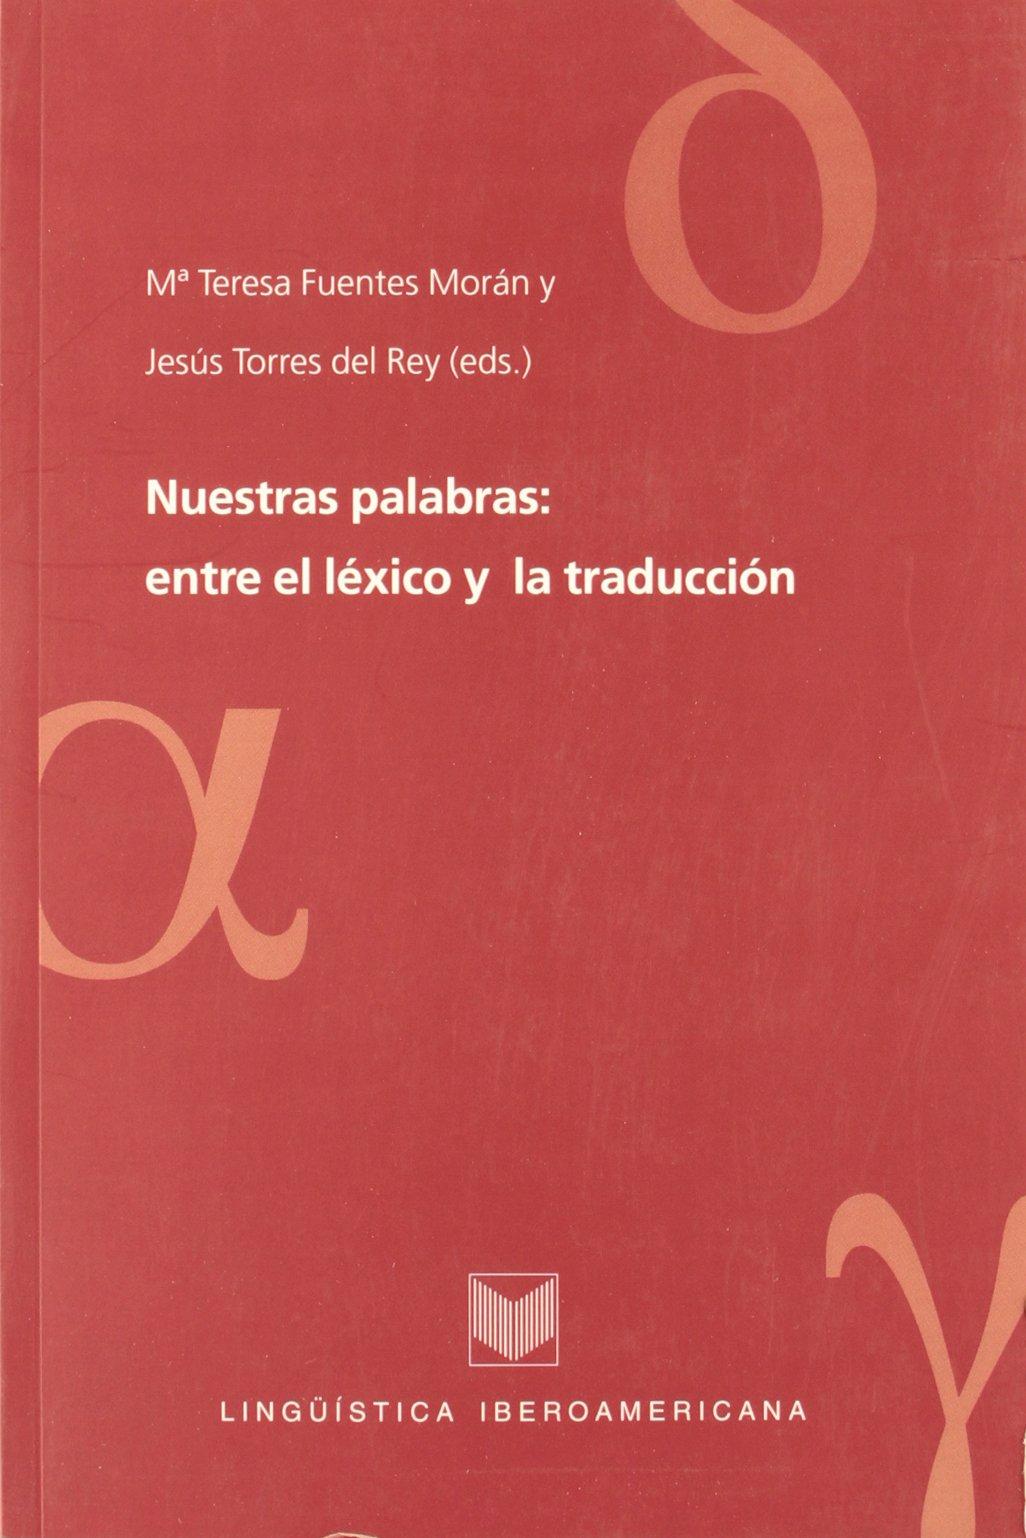 Download Nuestras palabras: entre el lexico y la traduccion (Spanish Edition) pdf epub